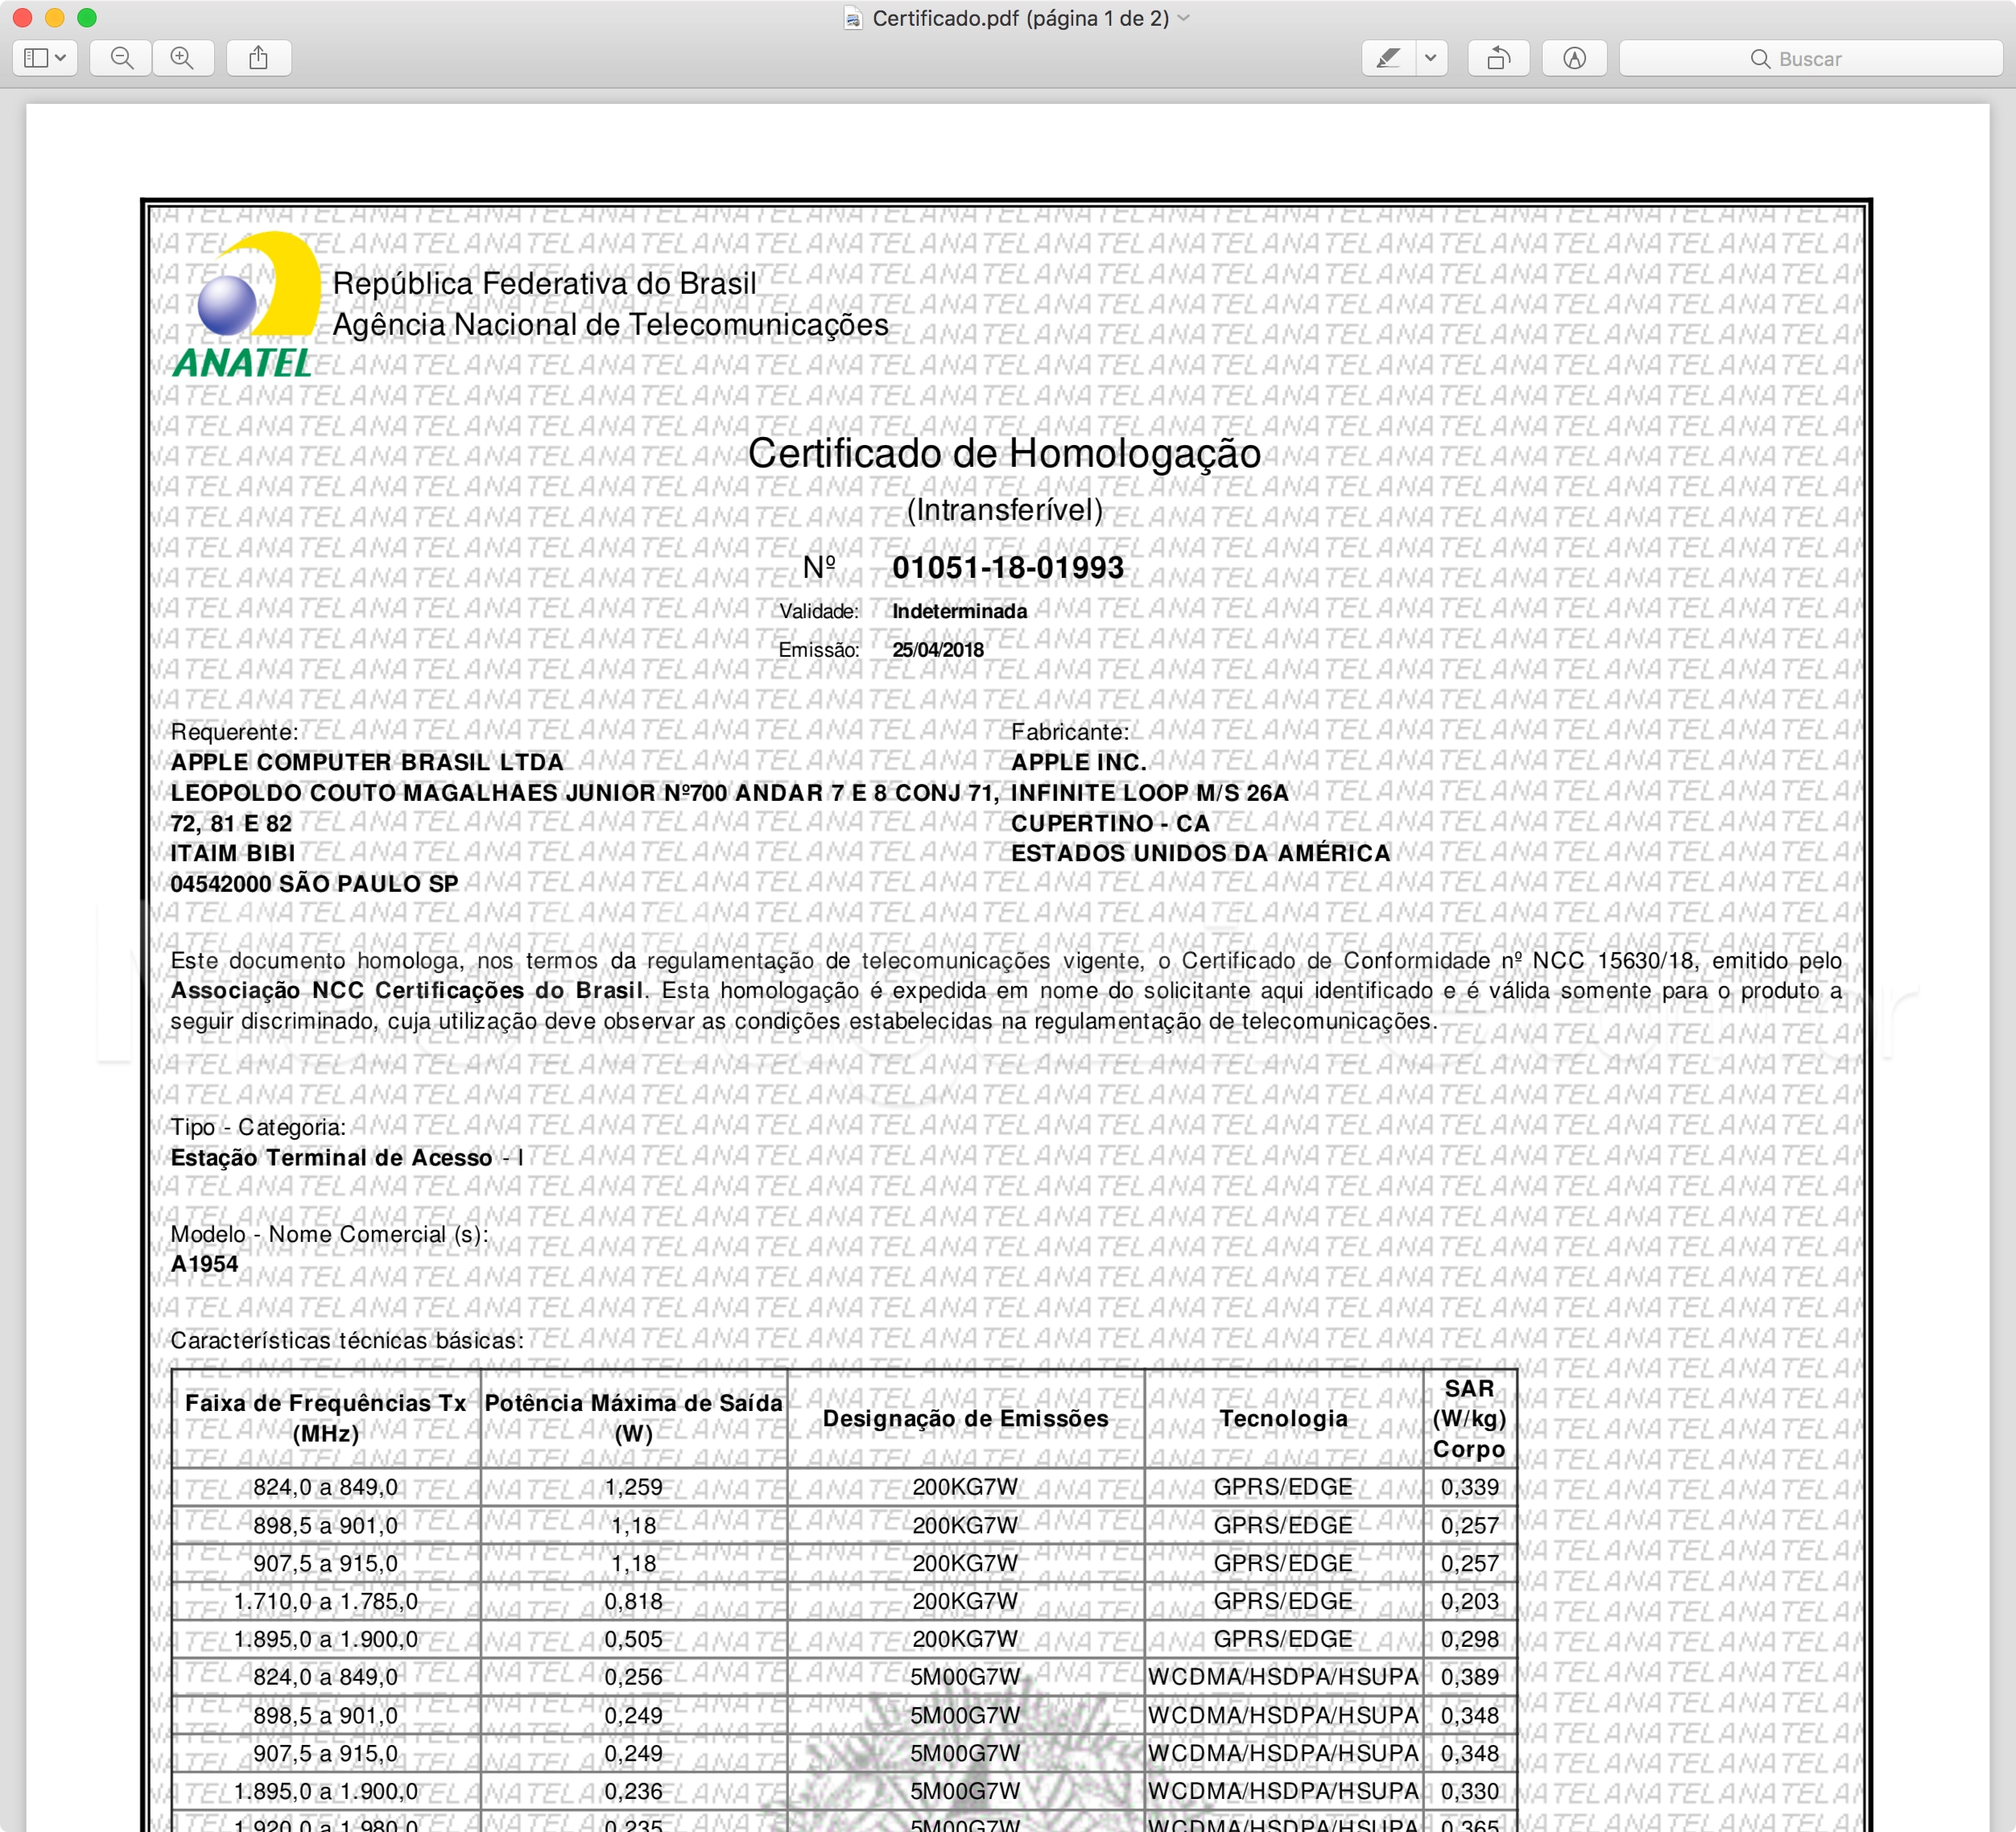 Certificado de Homologação do iPad de sexta geração (Wi-Fi + Cellular)